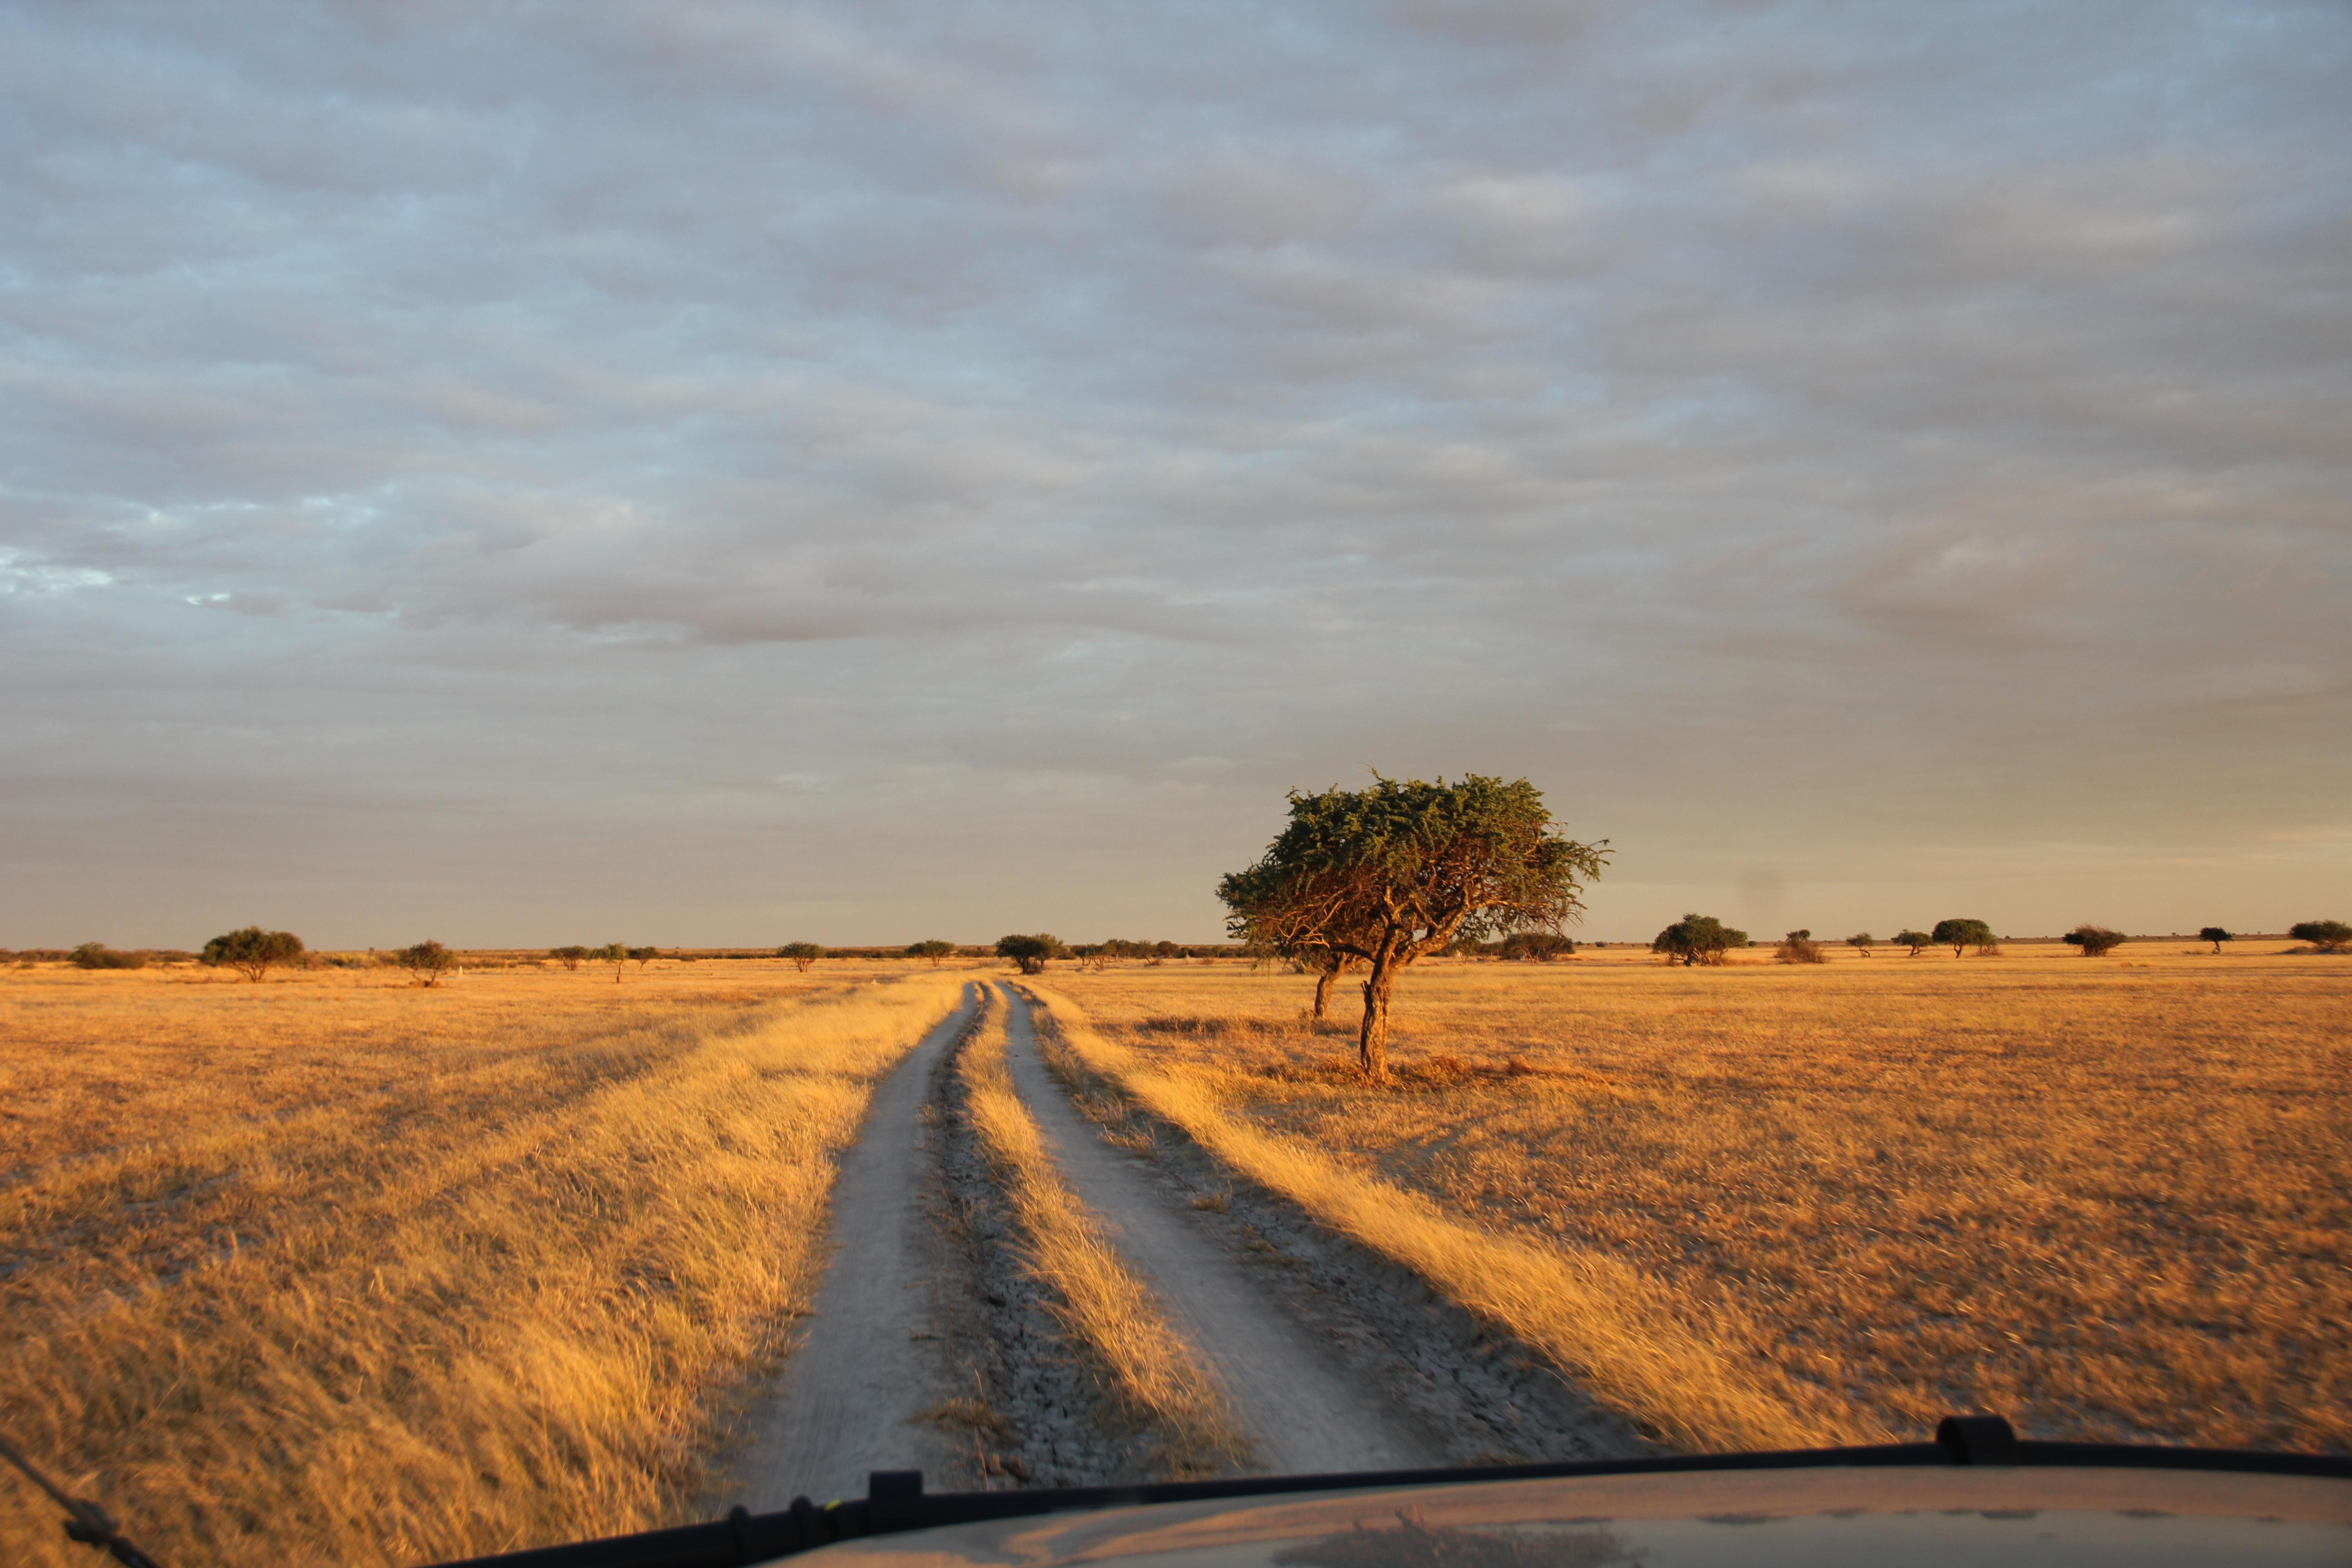 Une longue route s'étend devant nous entre les hautes herbes du central Kalahari